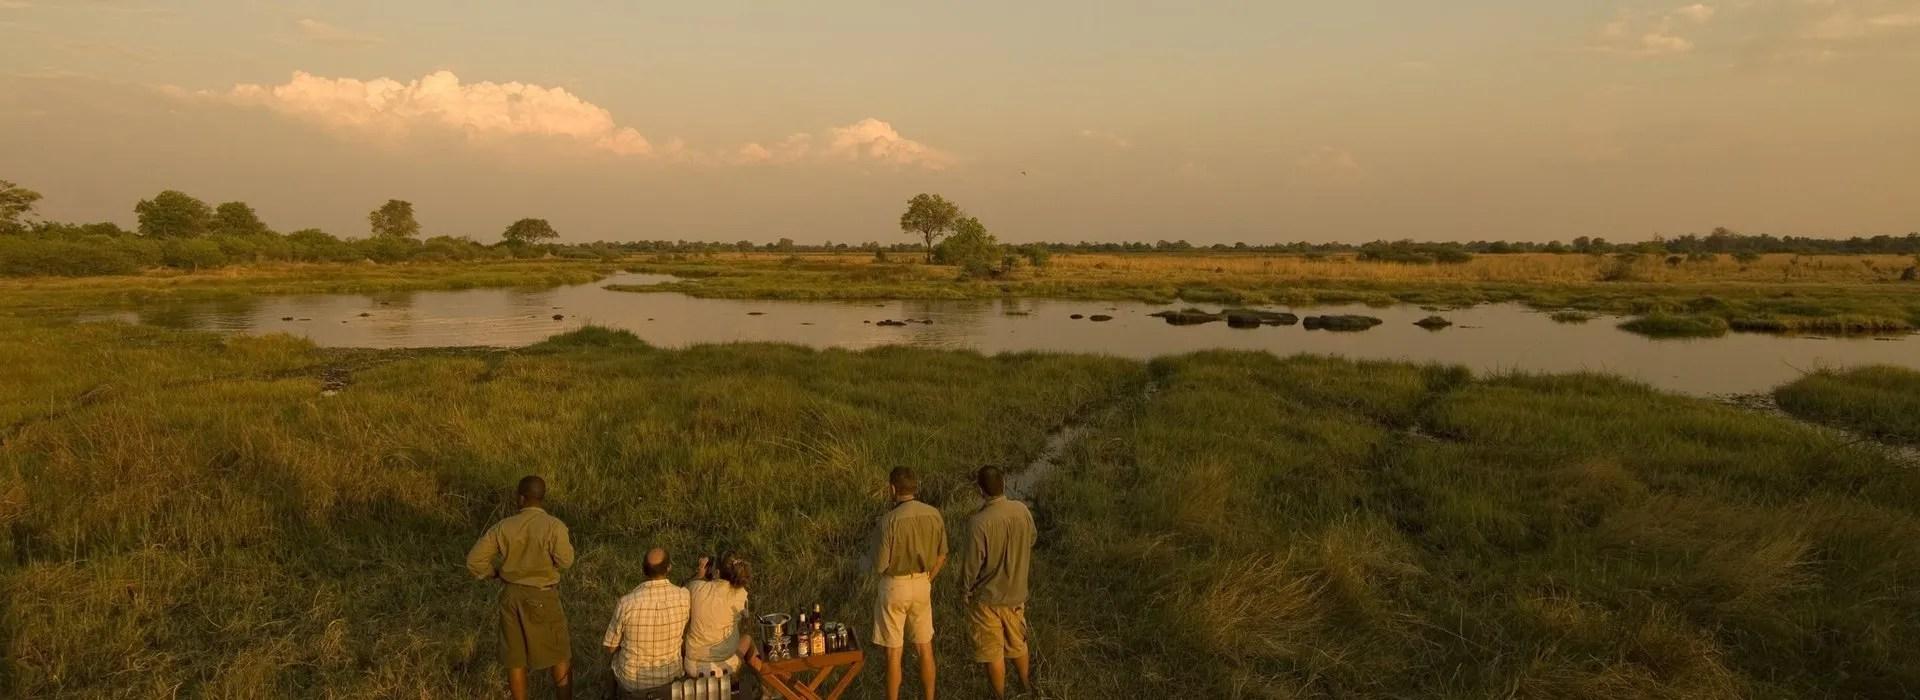 On Uganda Safari